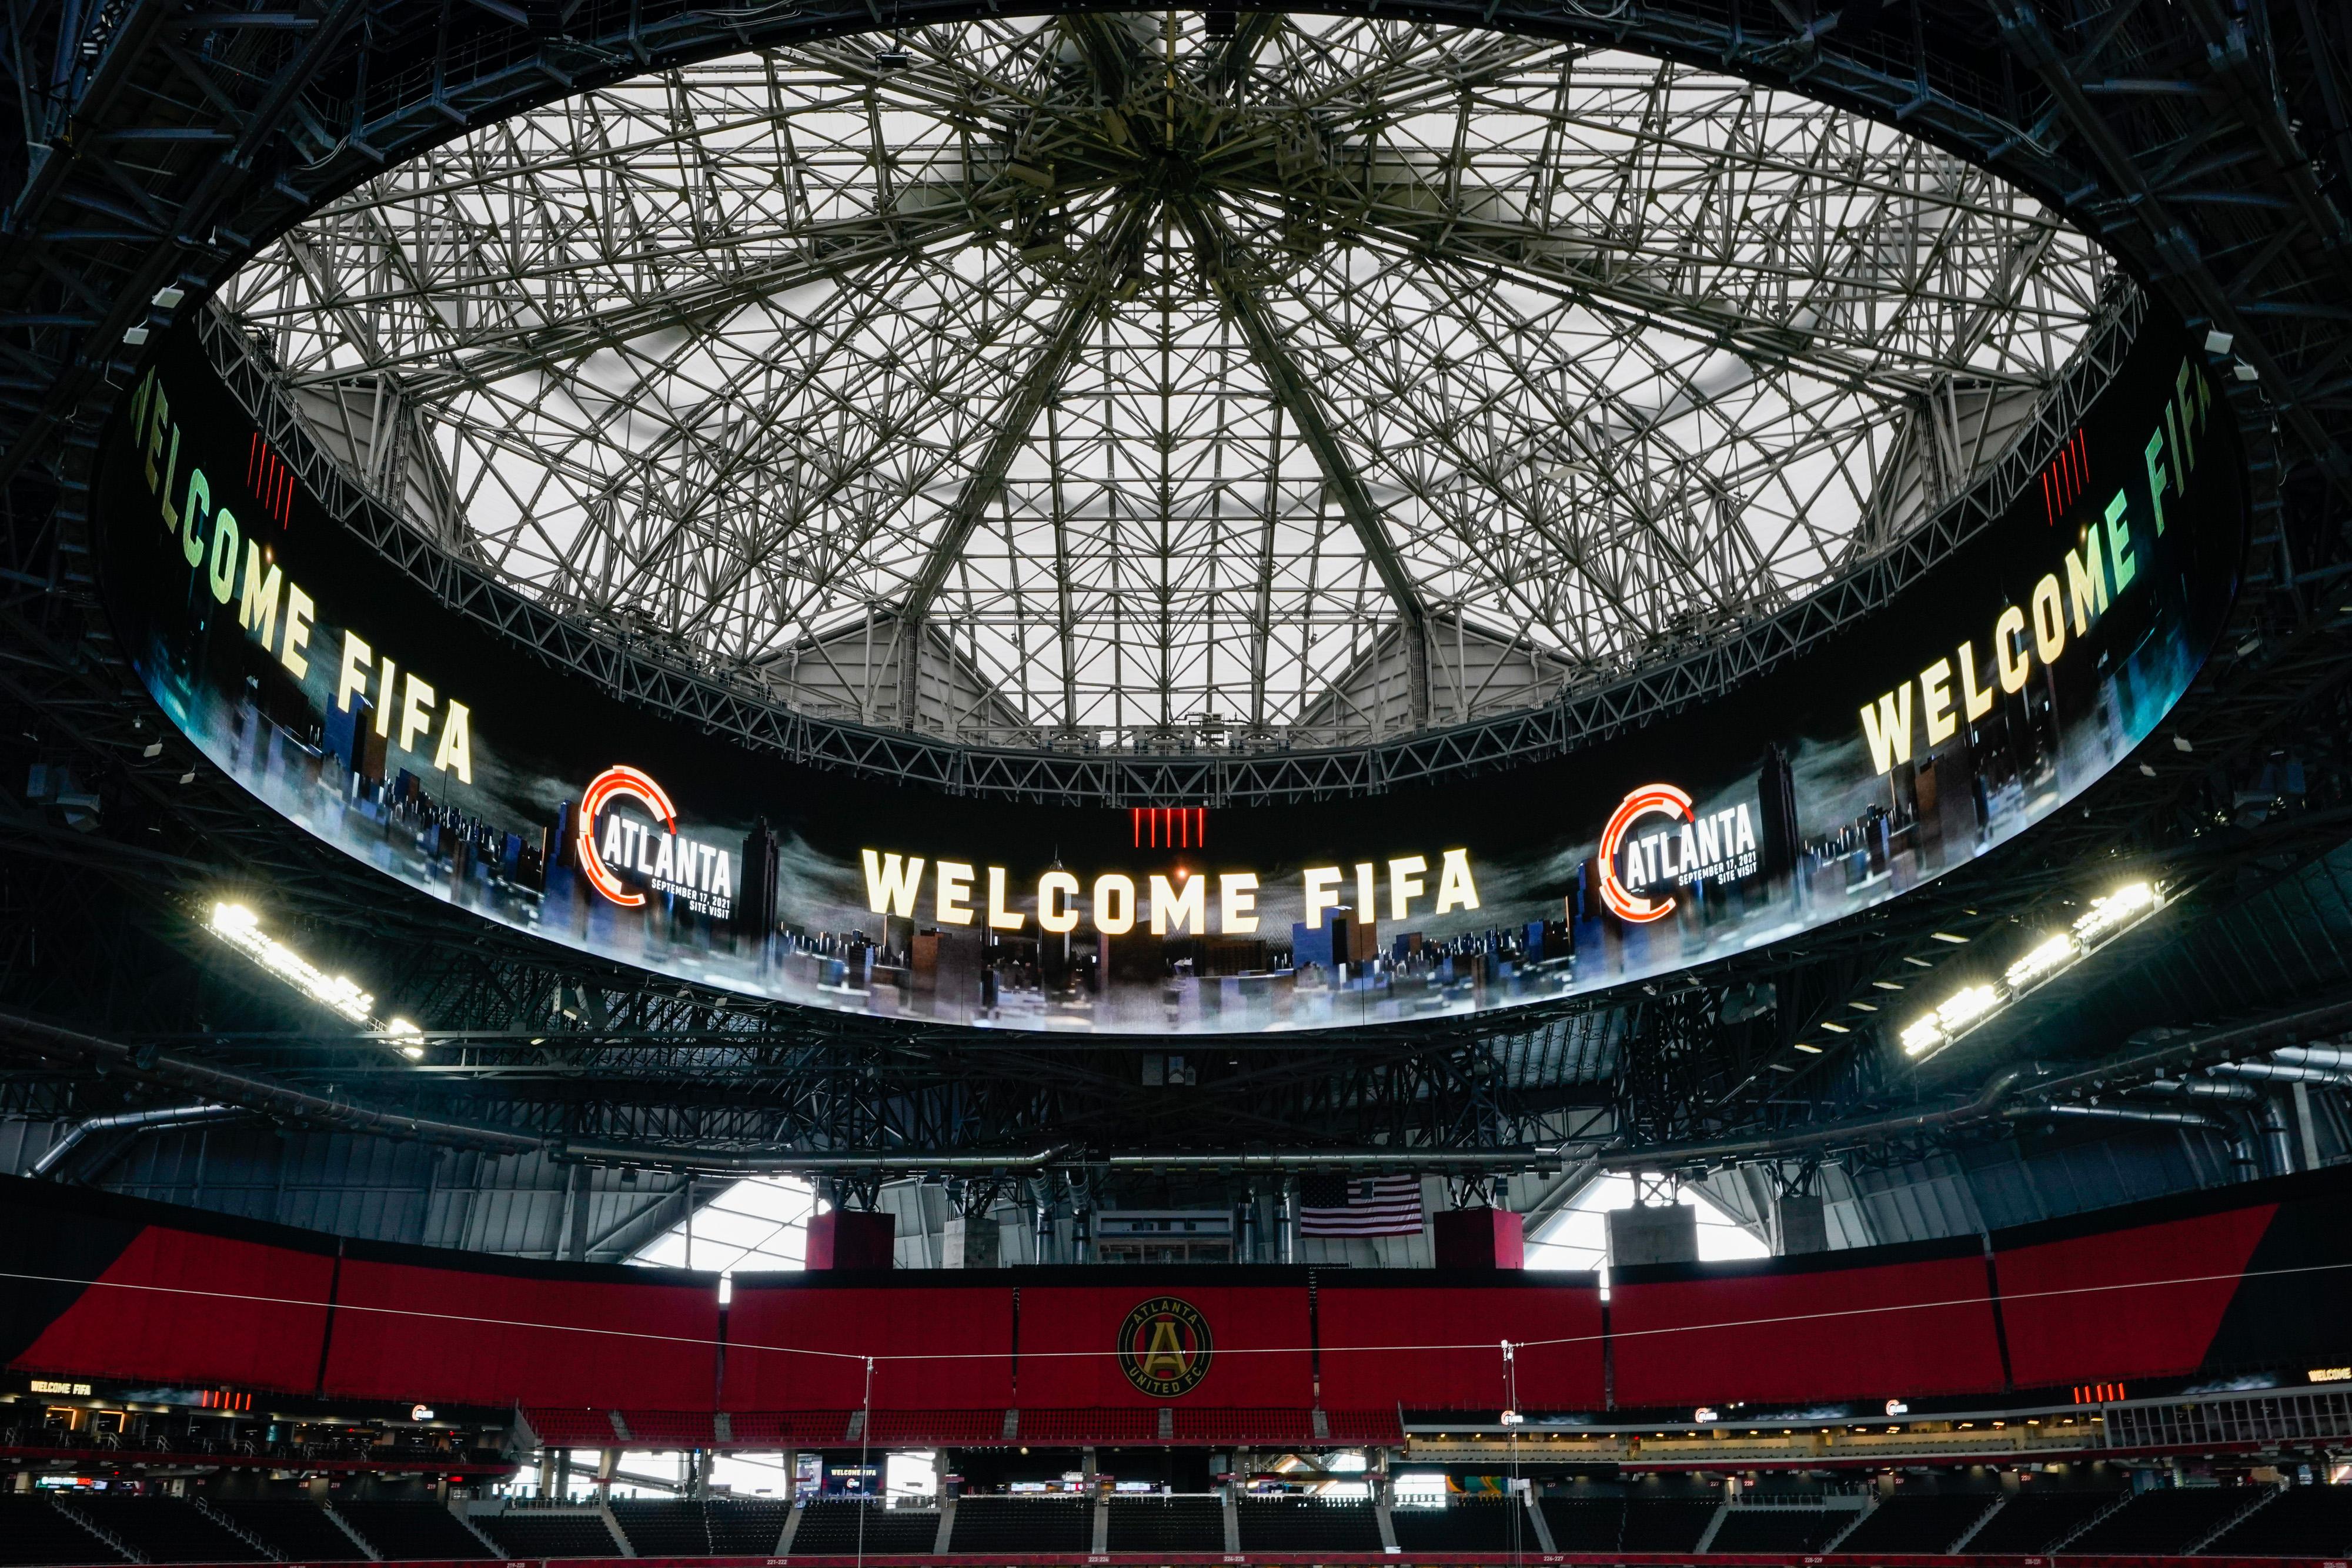 Bewerberstädte freuen sich auf wegweisende FIFA Fussball-Weltmeisterschaft 2026™